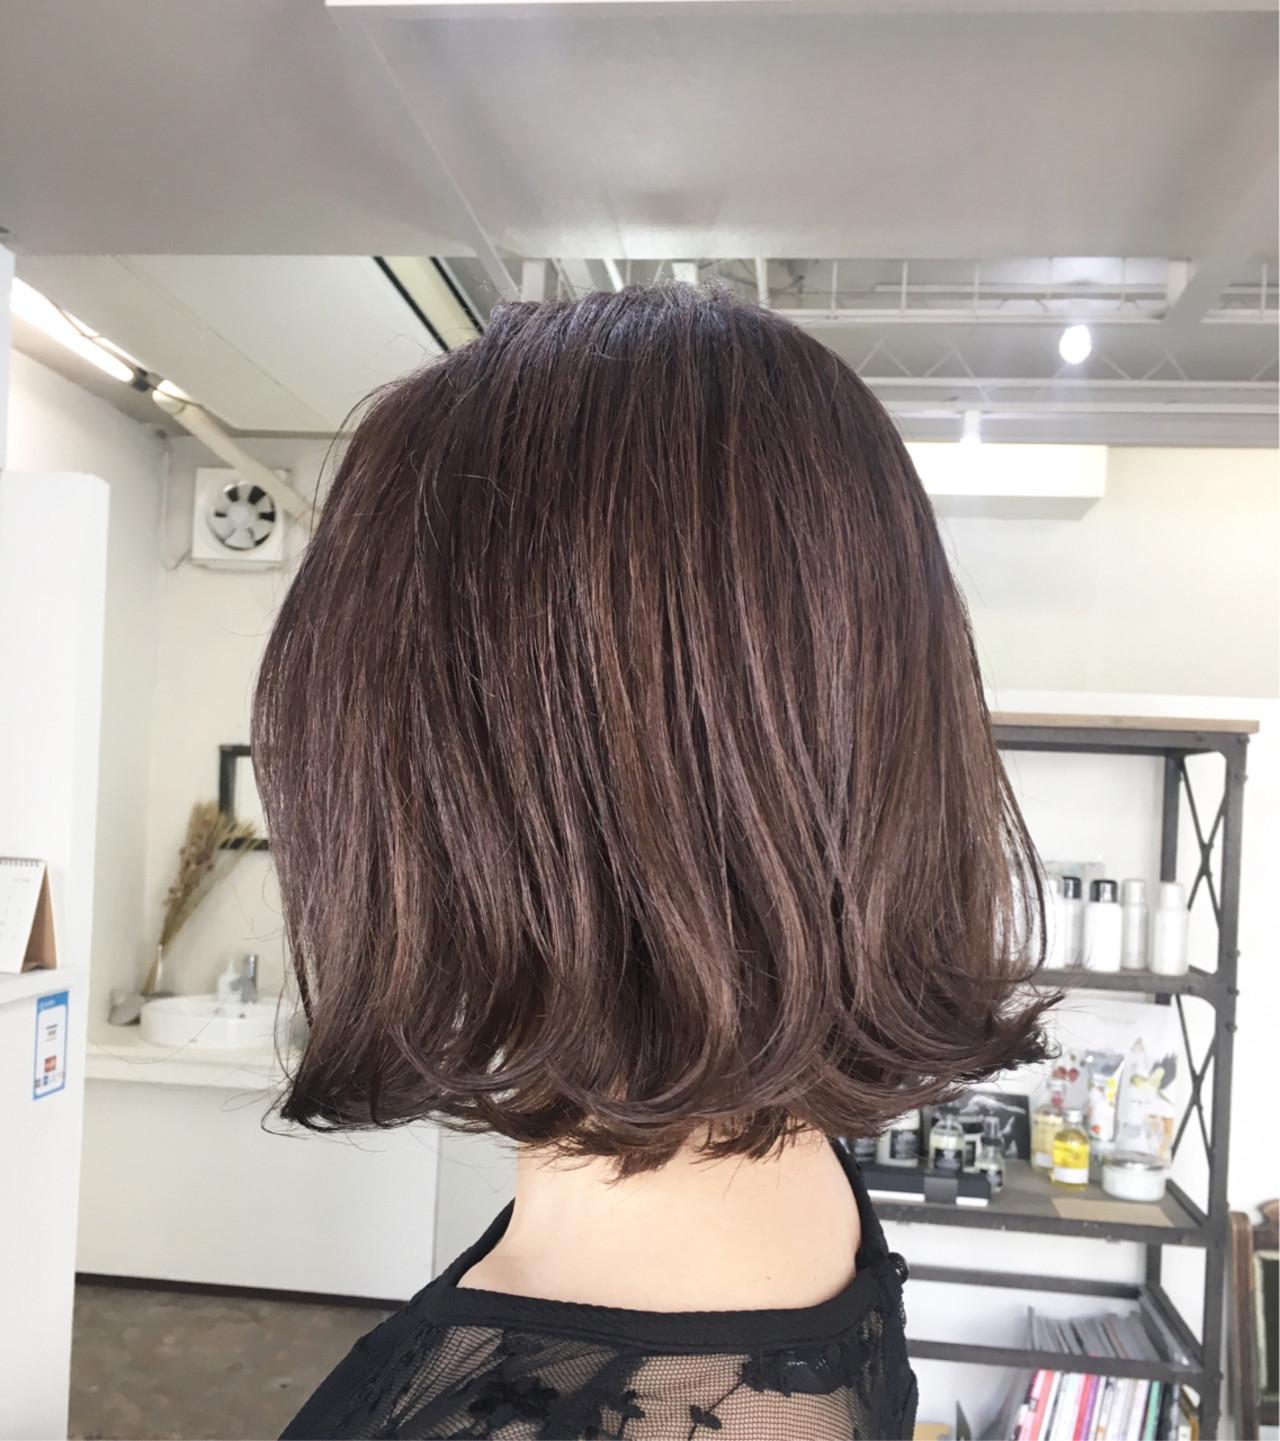 ガーリー ハイライト ボブ ピンク ヘアスタイルや髪型の写真・画像